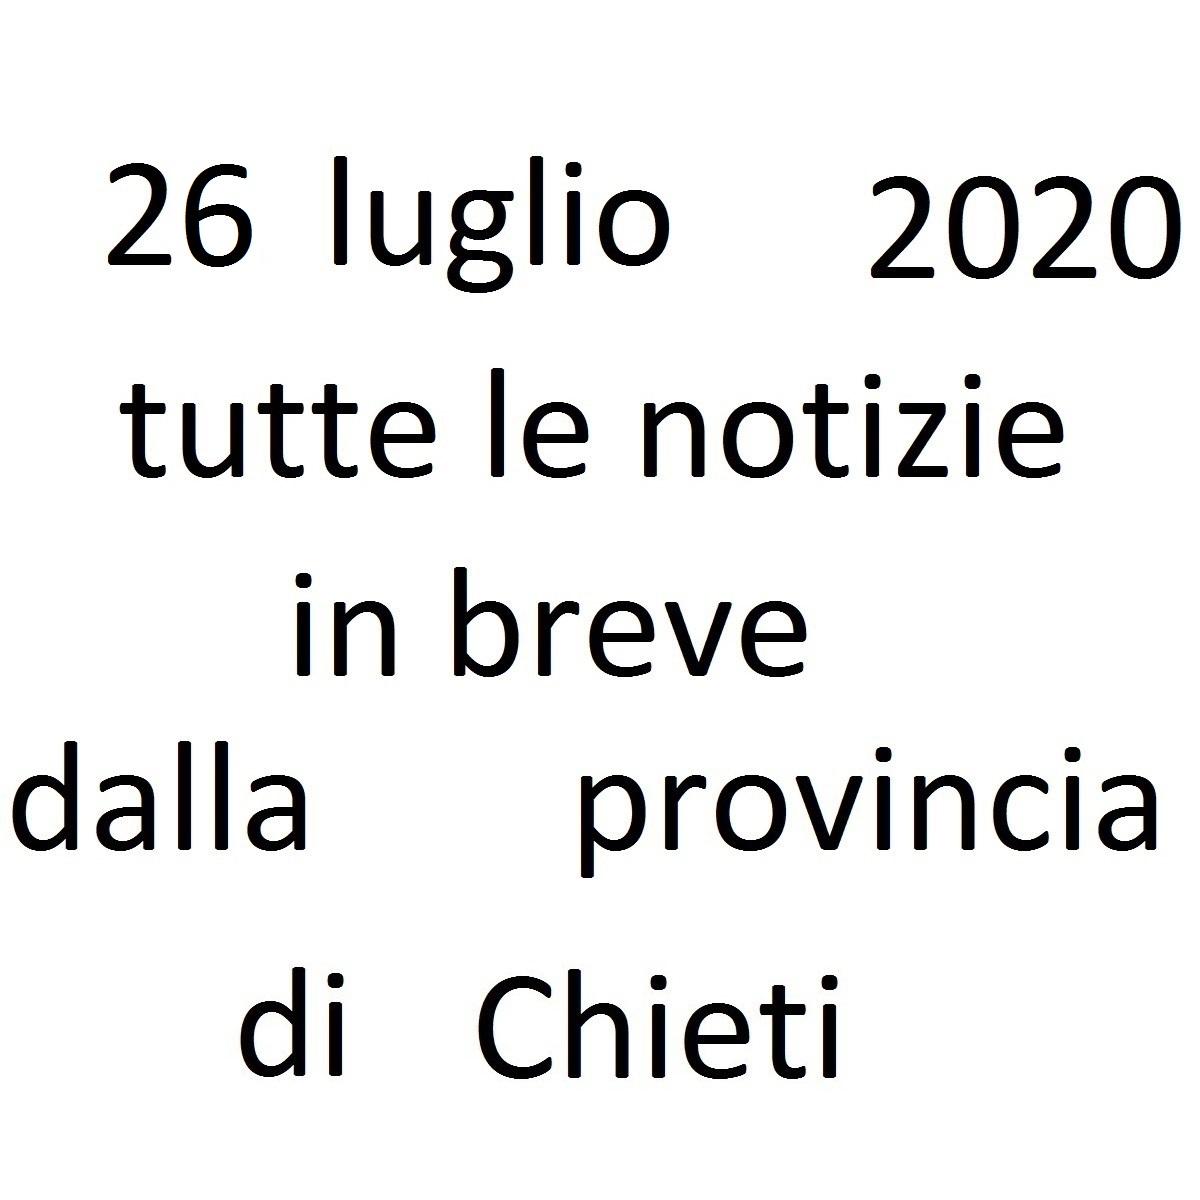 26 luglio 2020 notizie in breve dalla Provincia di Chieti foto